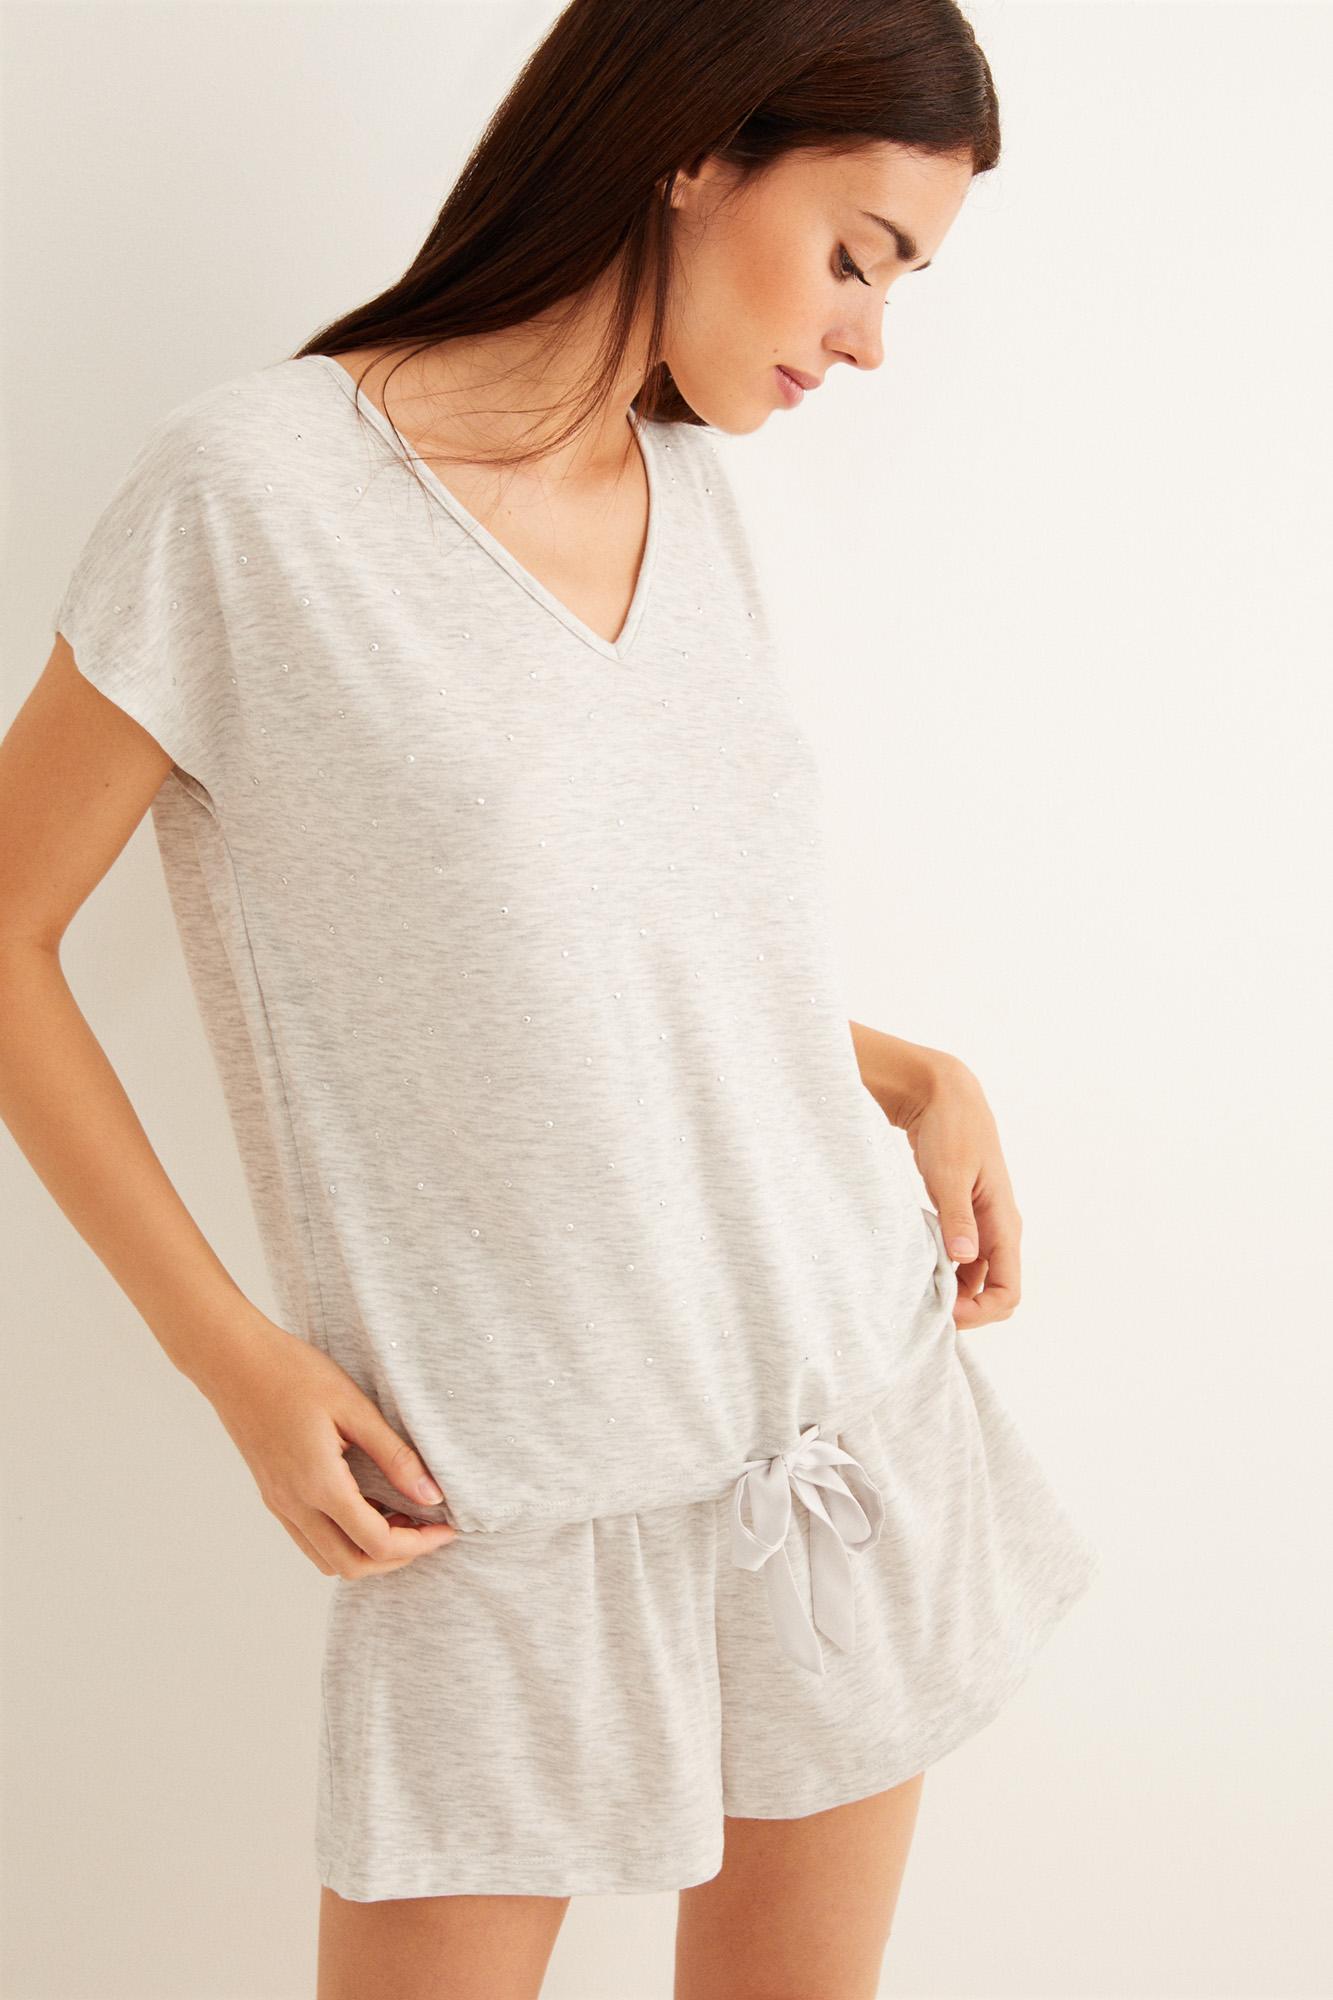 Pijama corto 'strass' | Pijamas cortos | Women'secret